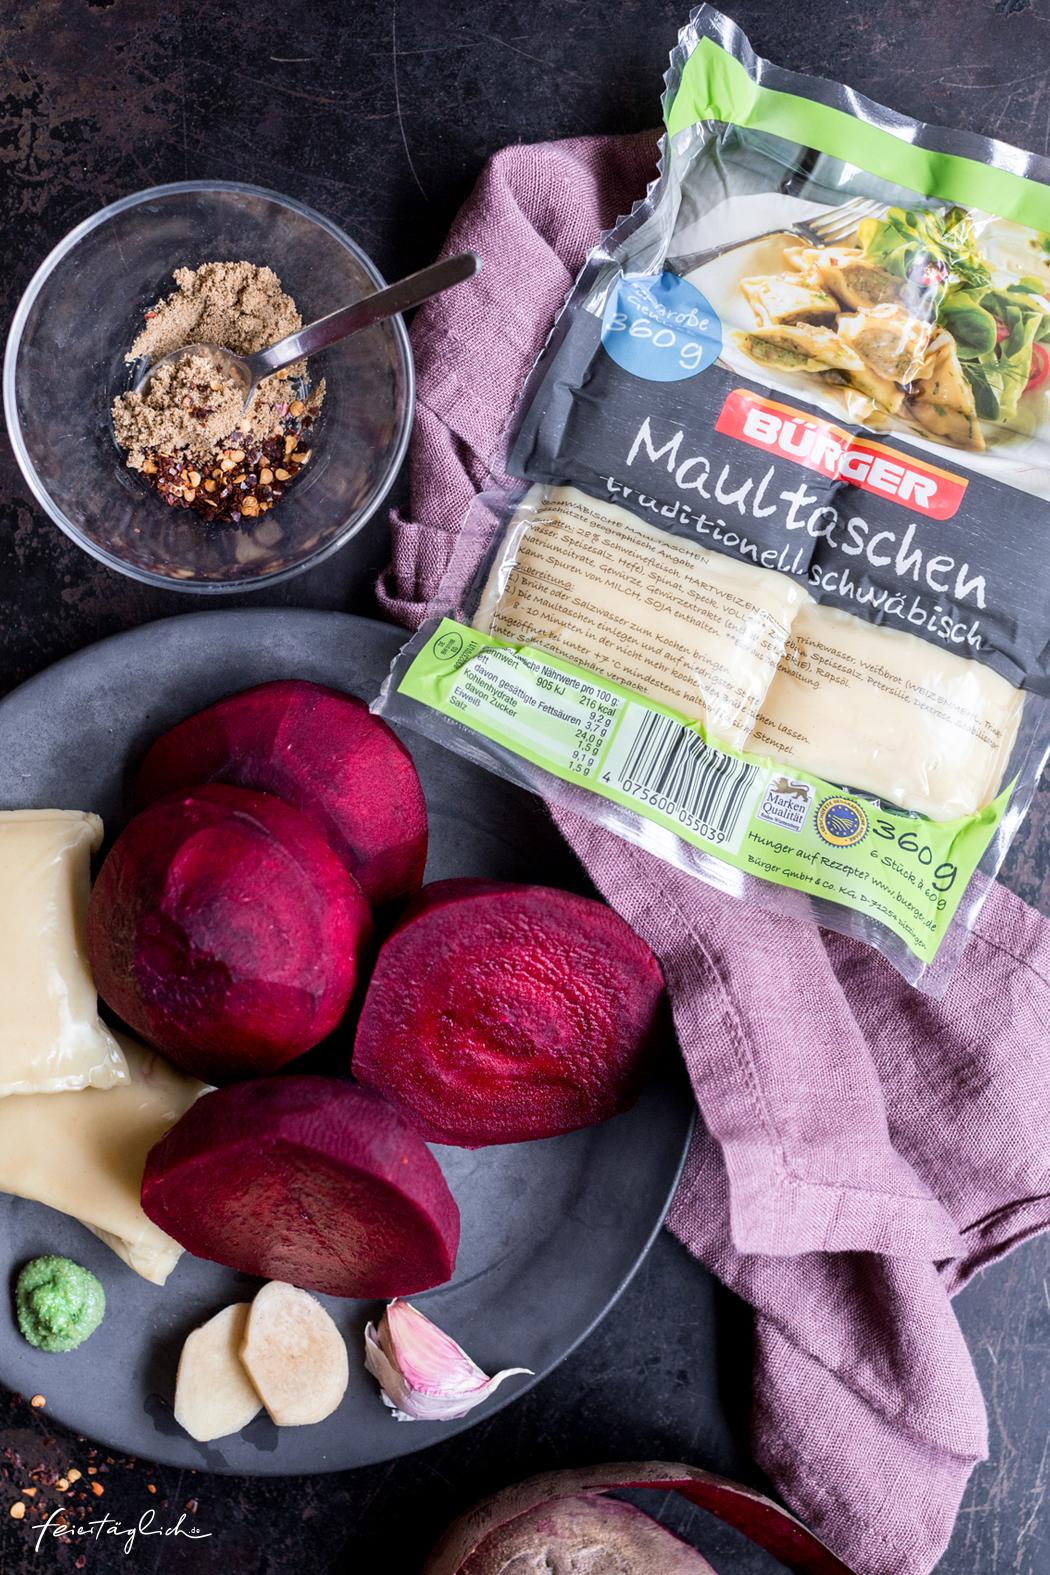 BÜRGER Maultaschen, Wärmende Rote Beete-Suppe mit Wasabi-Popcorn, Kokosschaum und Maultaschen-Spieß, Zutaten